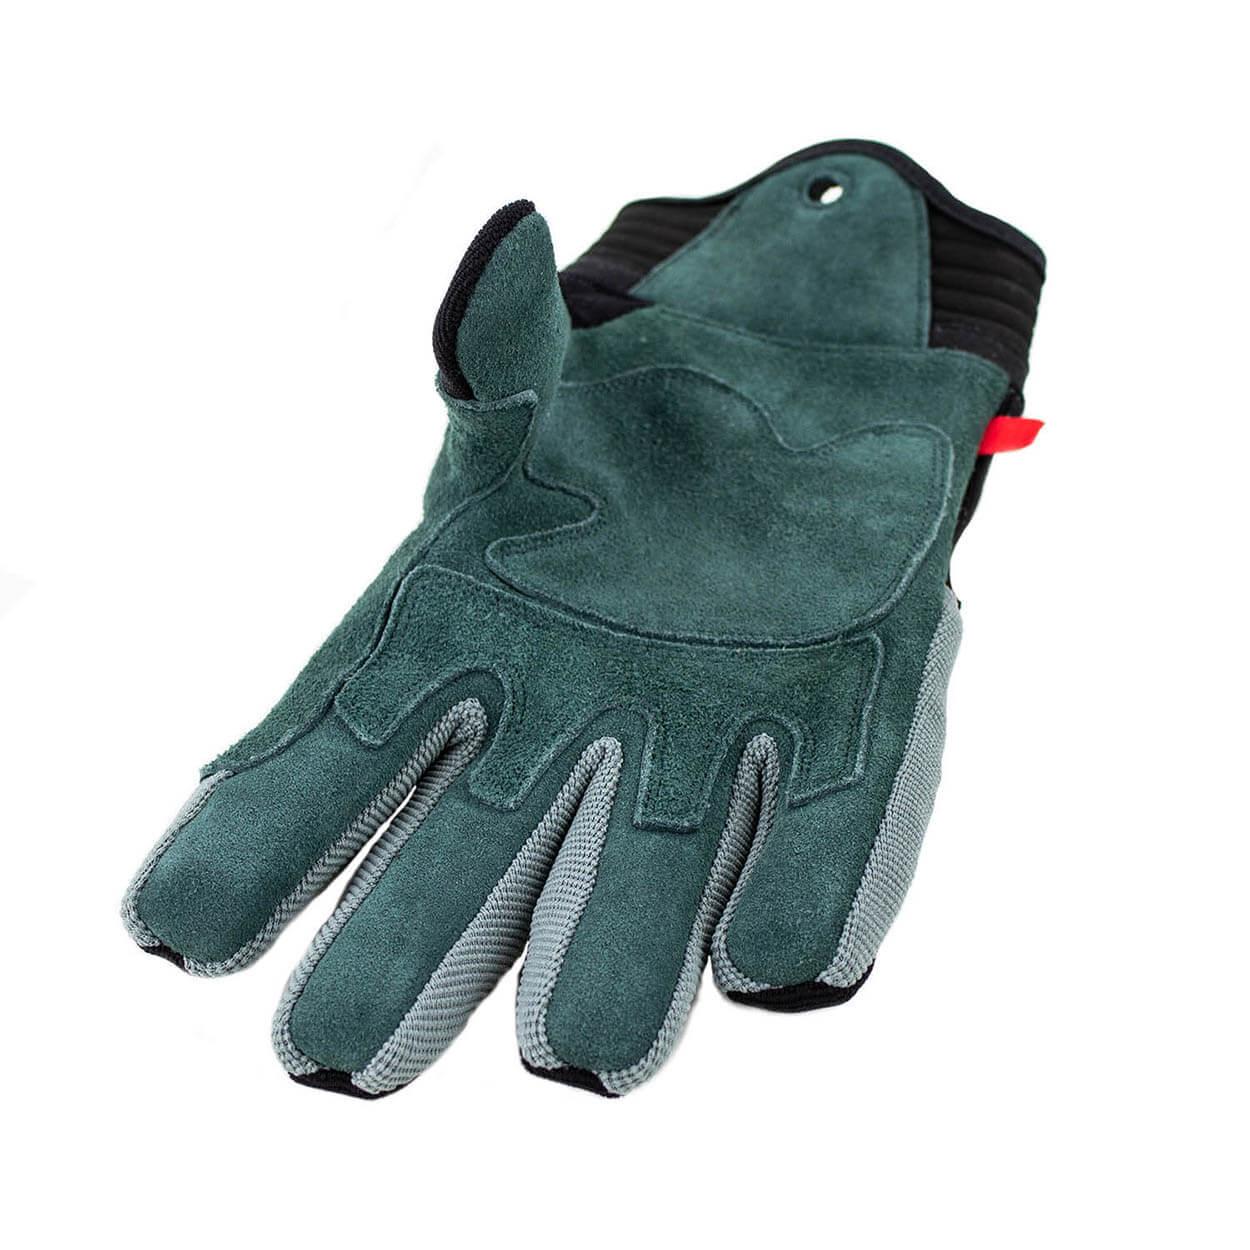 TH Handschuh EXTRICATION Feuerwehrmann neongelb